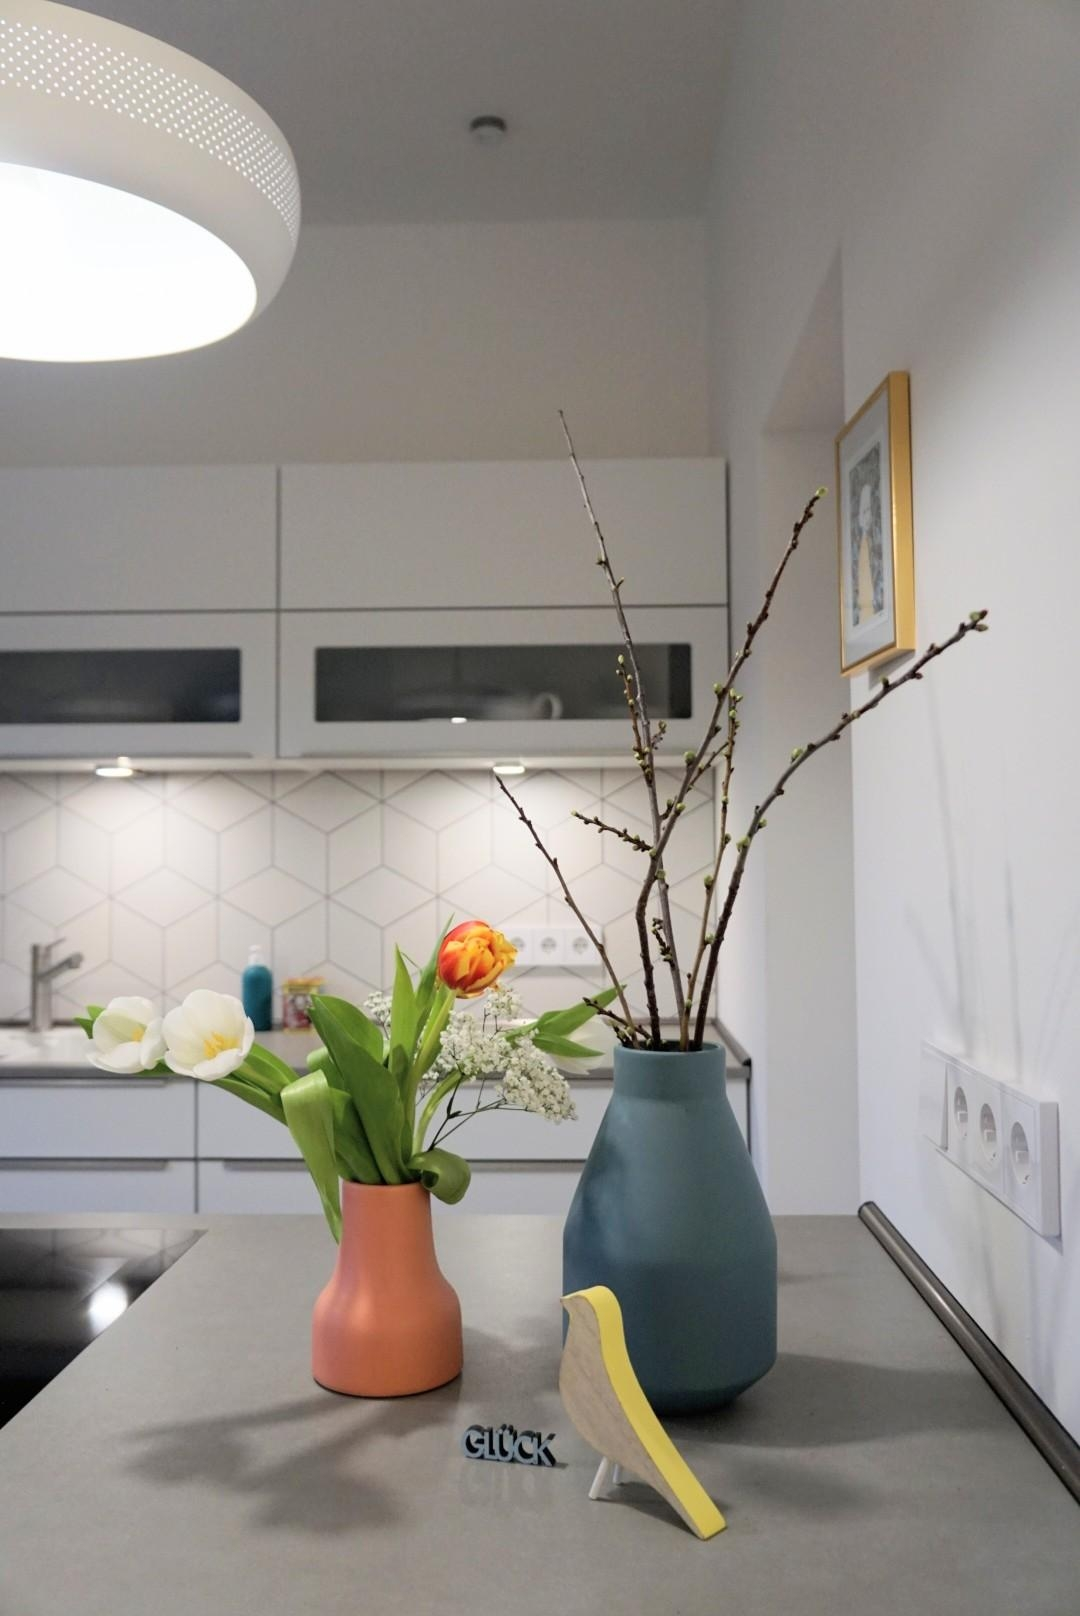 Full Size of Kücheninseln Ikea Kcheninseln Inspiration Zum Trumen Bei Couch Sofa Mit Schlaffunktion Miniküche Küche Kaufen Betten 160x200 Kosten Modulküche Wohnzimmer Kücheninseln Ikea